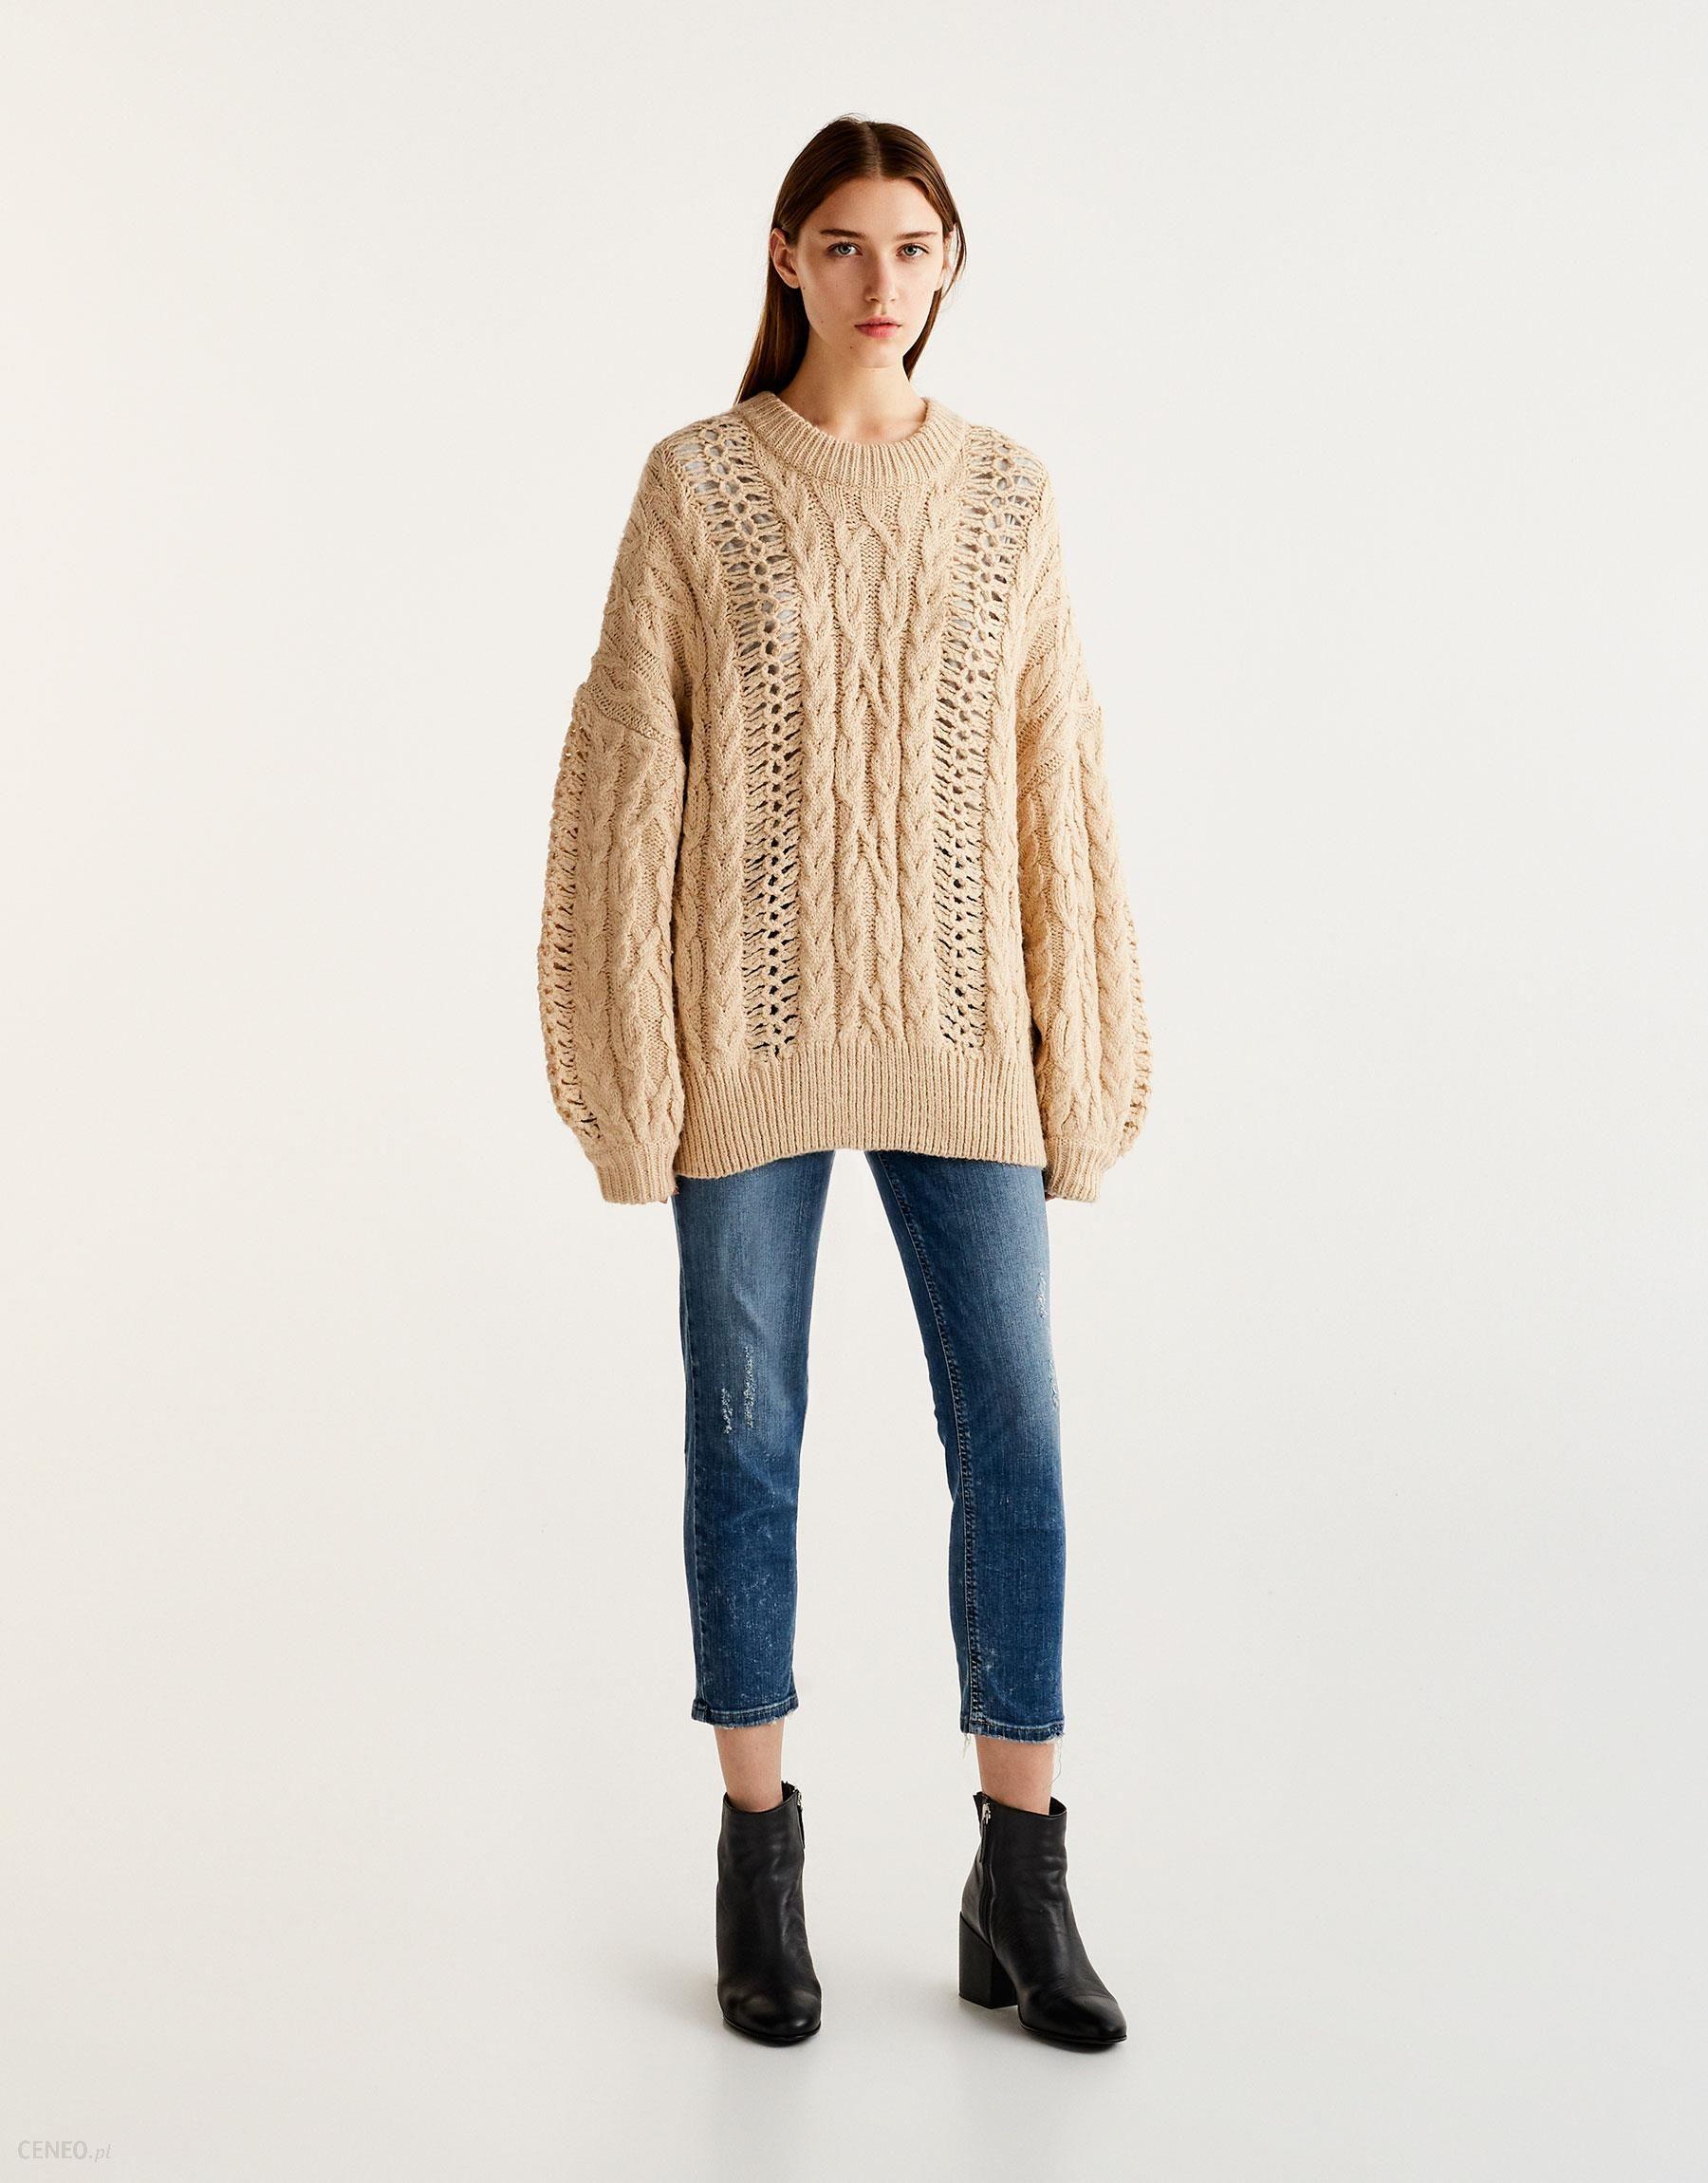 20d2b521a93a73 Sweter wykonany warkoczowym splotem z efektem sznurowania - Ceny i ...